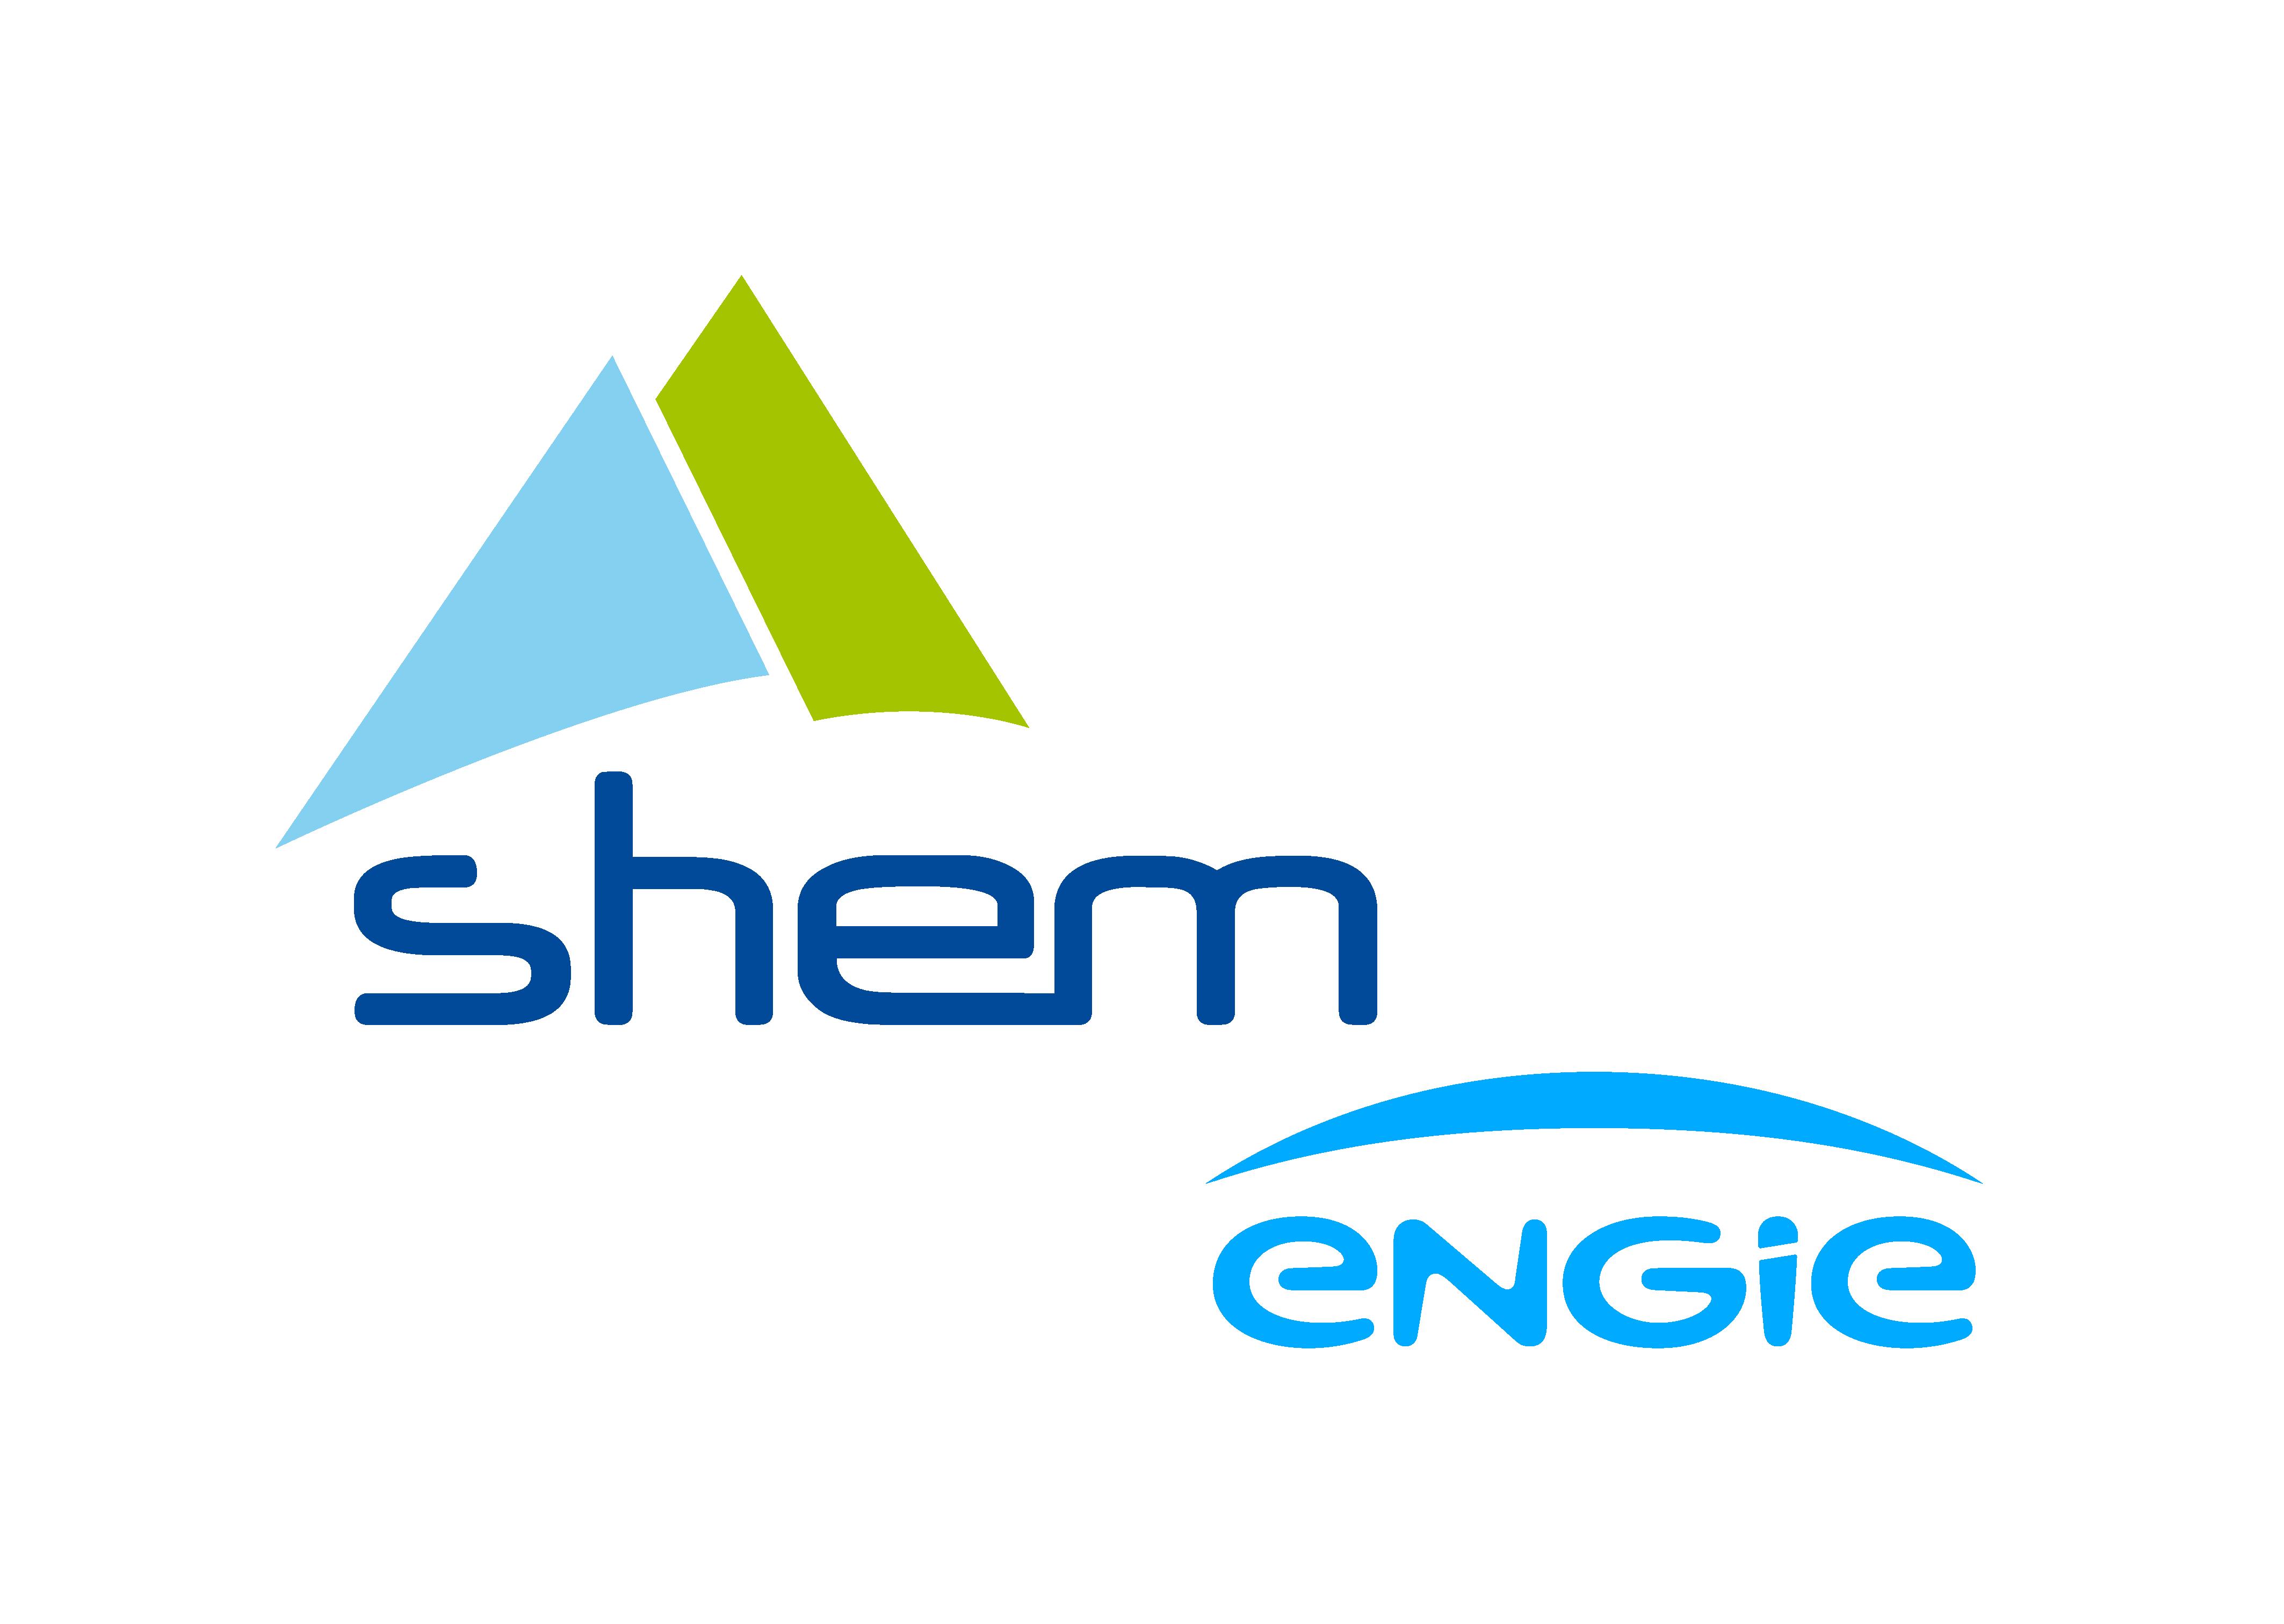 ENGIE shem